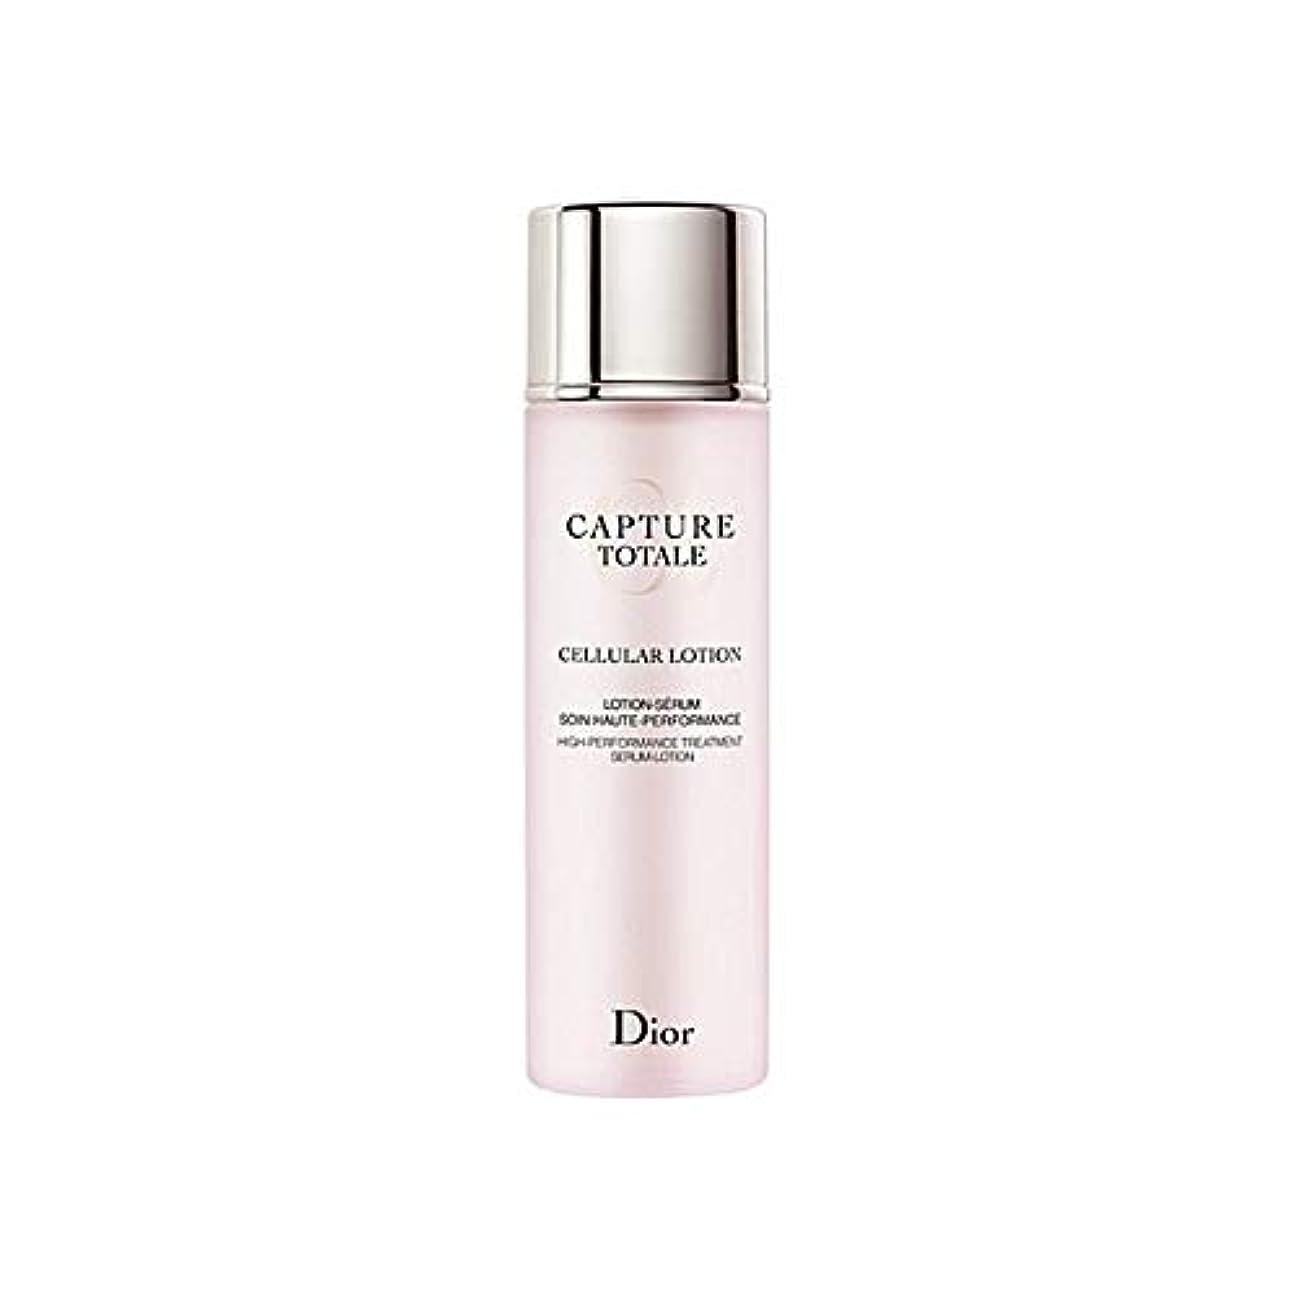 媒染剤プライムシングル[Dior] ディオールキャプチャカプチュールトータルセルラーローション - Dior Capture Totale Cellular Lotion [並行輸入品]